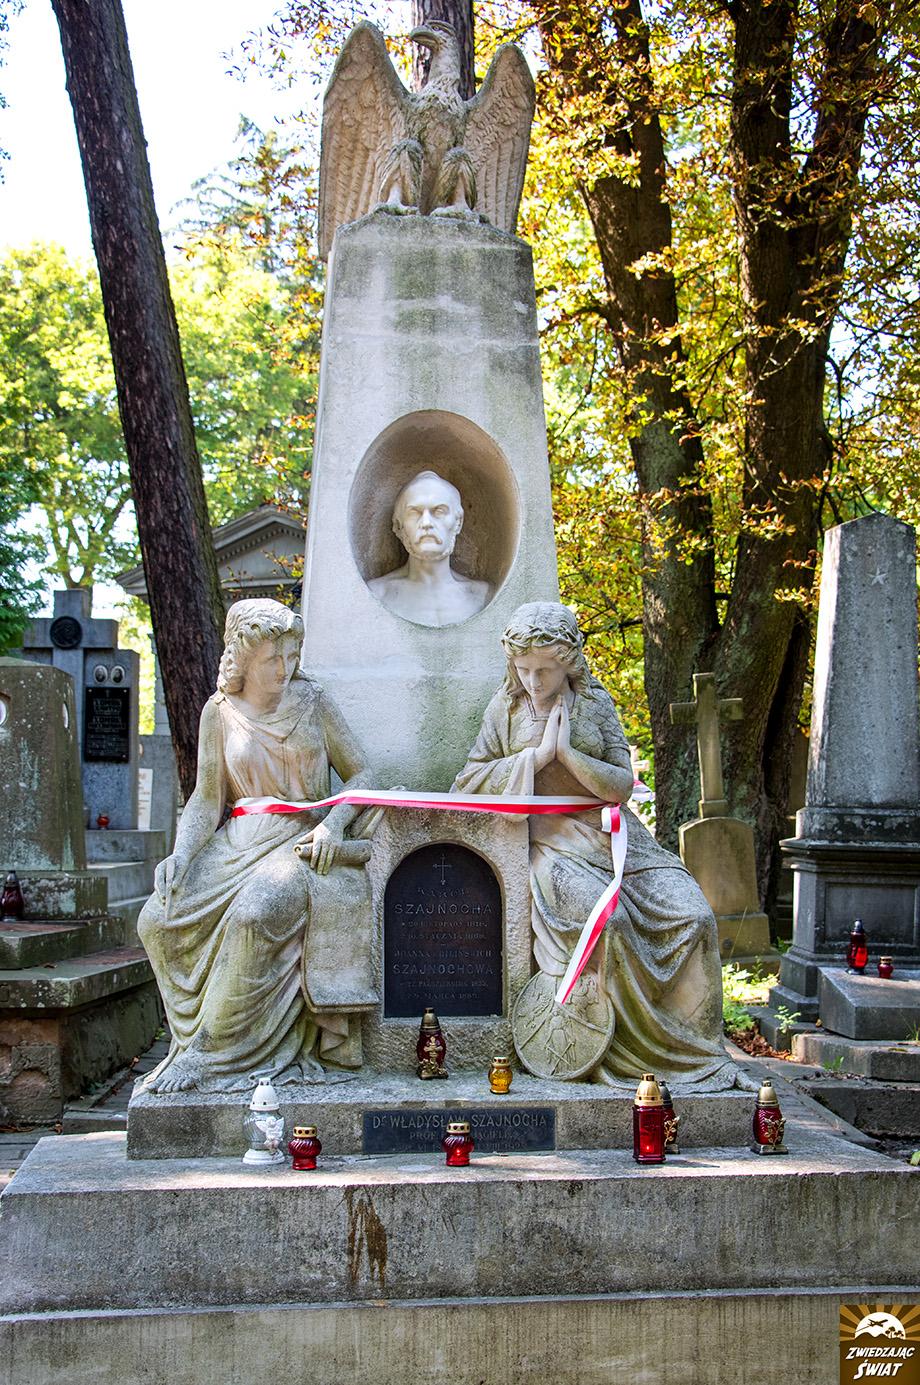 miejsce pochówku Karola Szajnochy, XIX-wiecznego historyka i publicysty